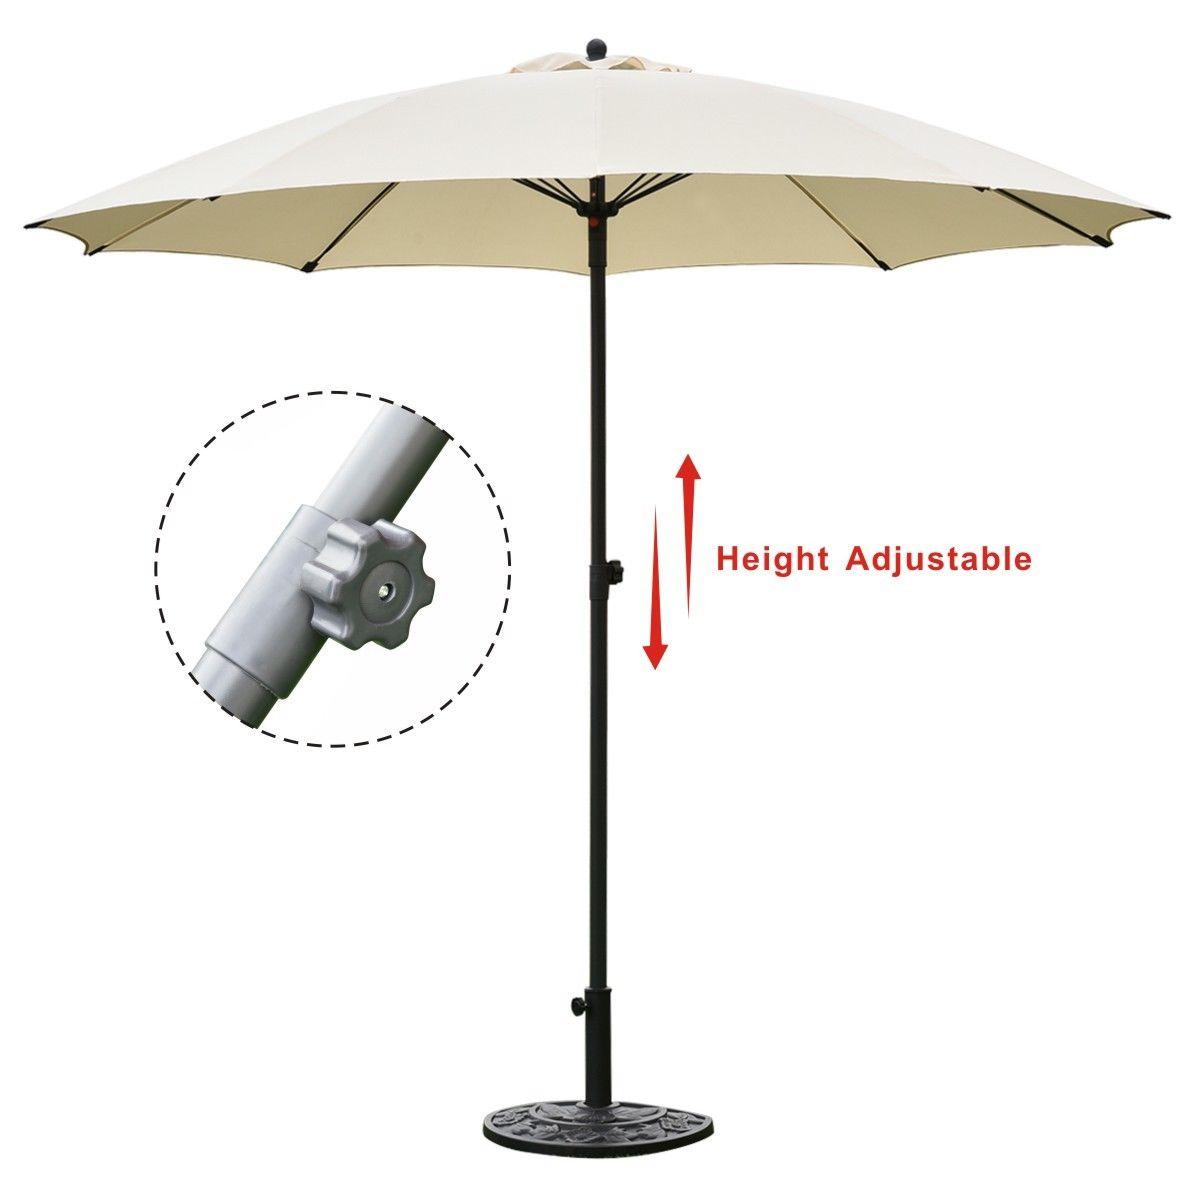 Goplus 8.2Ft Height Adjustable Outdoor Patio Umbrella Market Sun Shade Beech beige